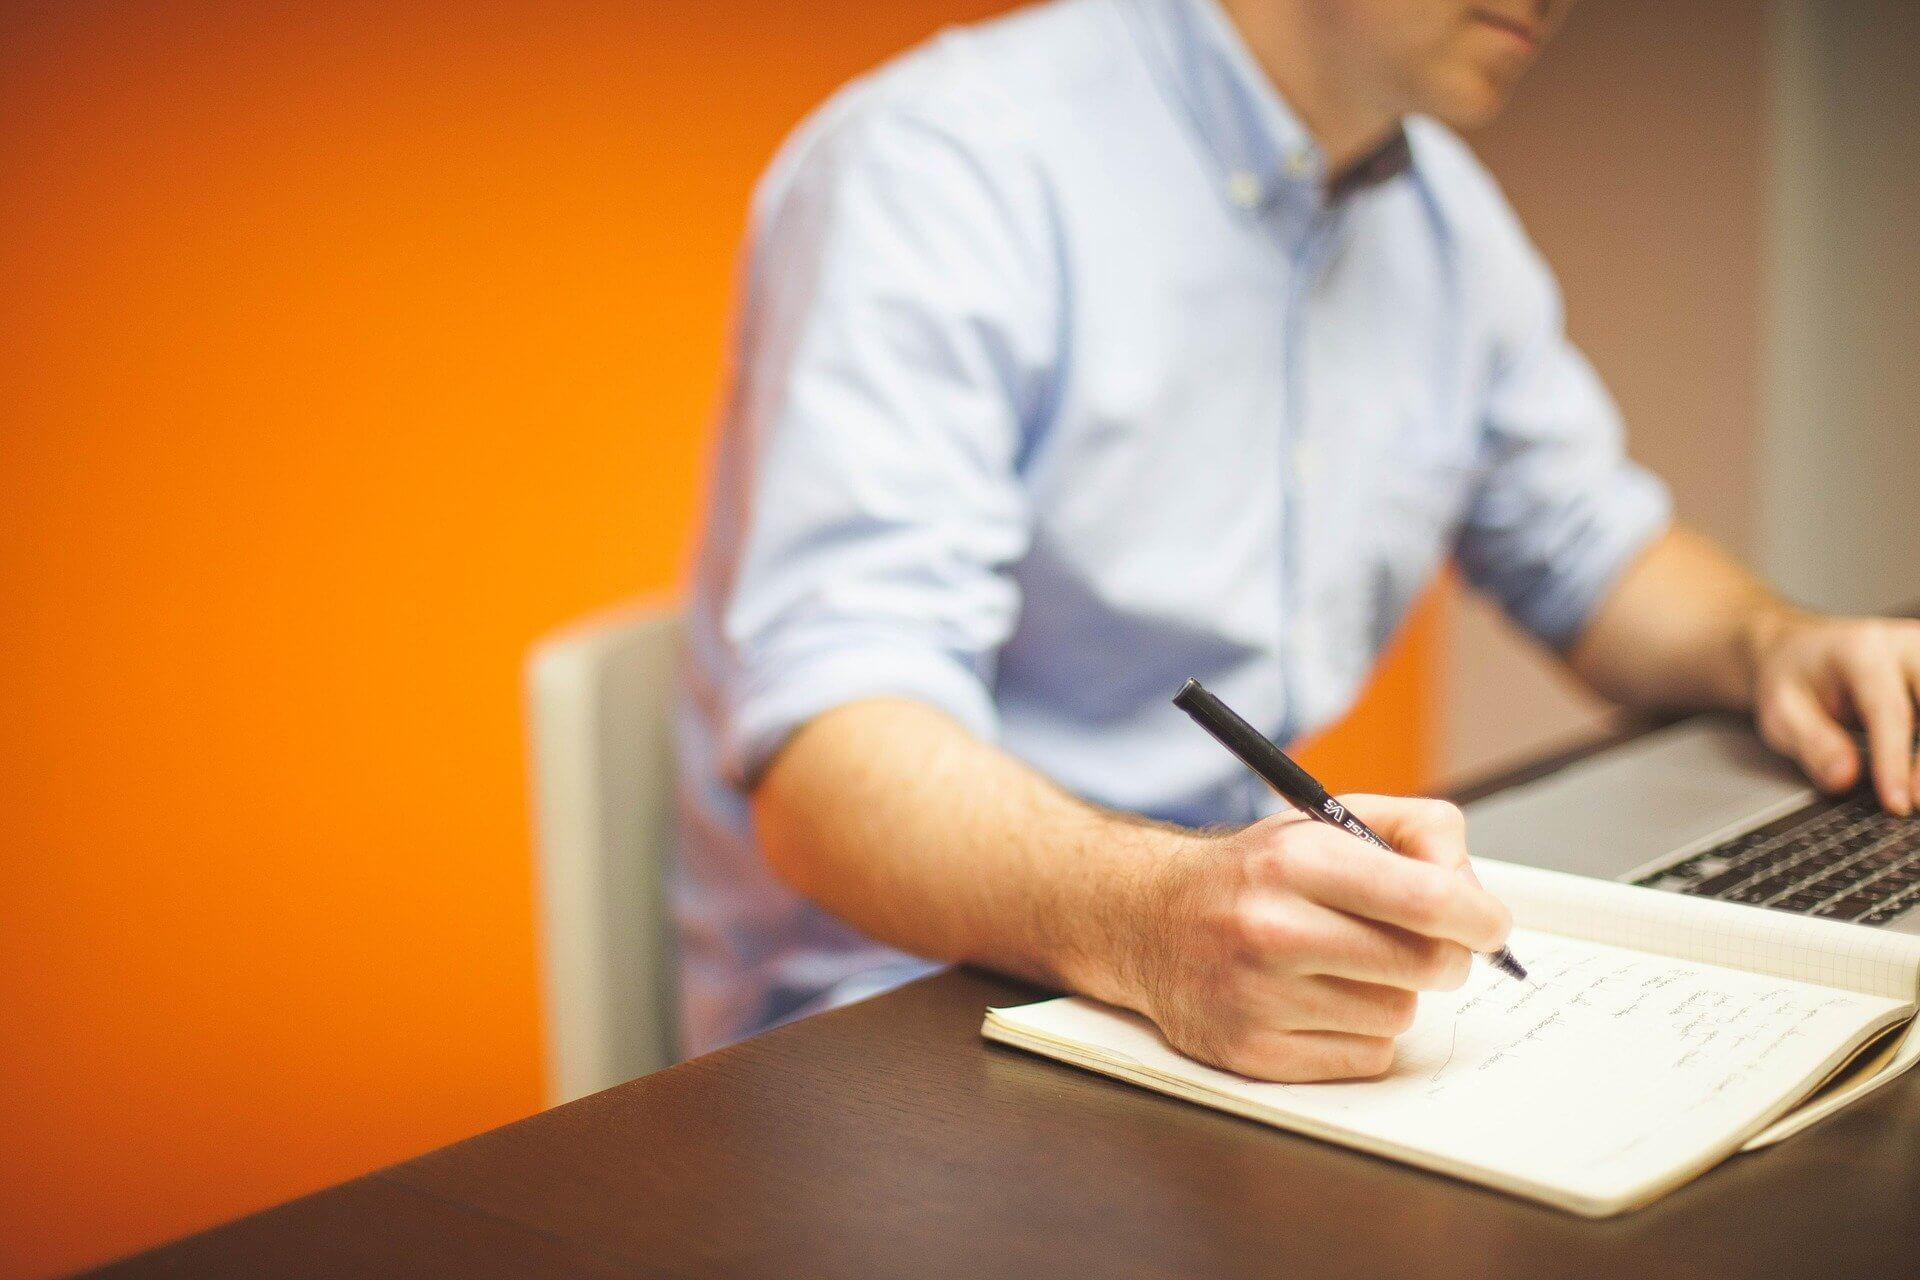 Kurzarbeit und ihre Auswirkungen auf die Beteiligten